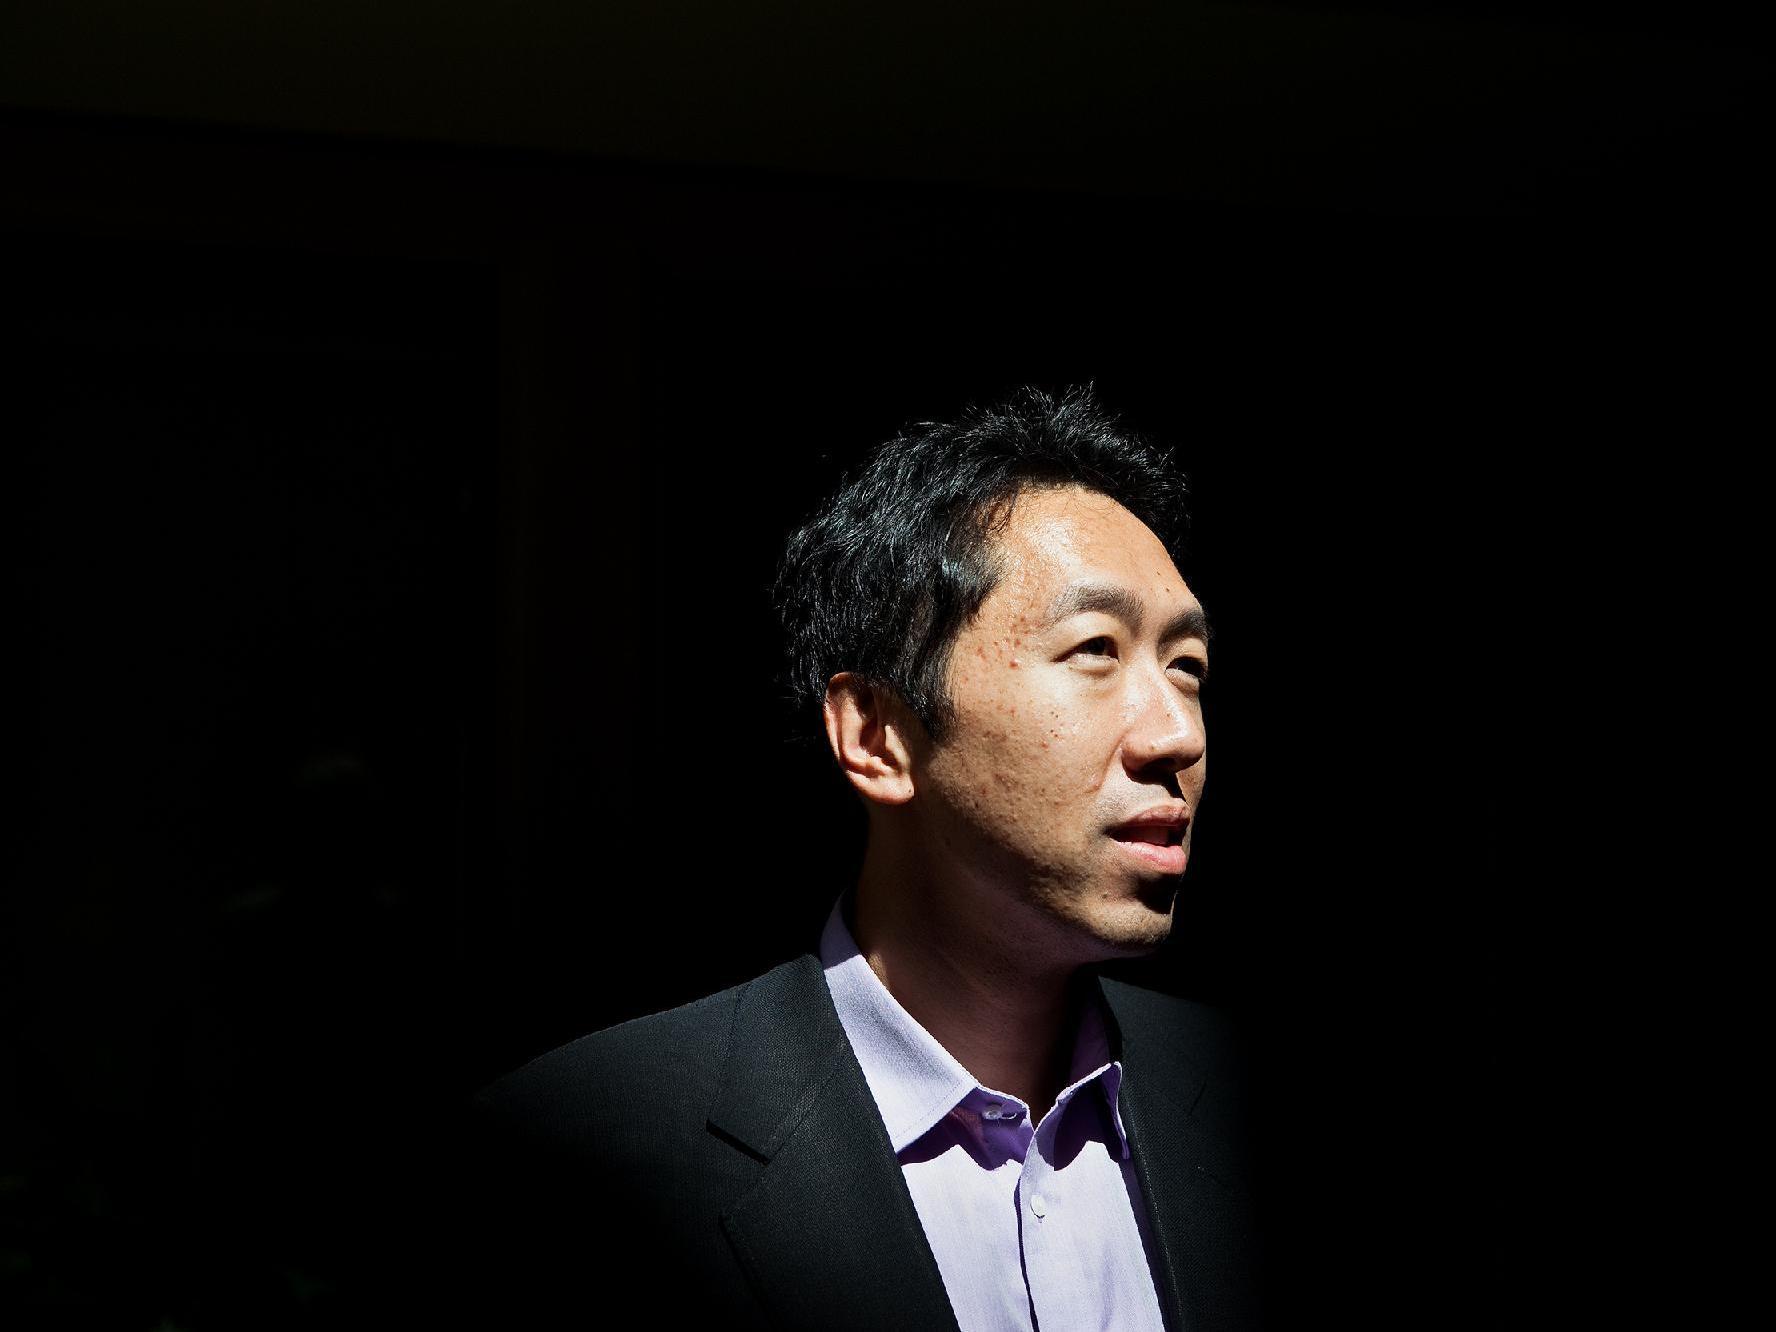 吴恩达谈百度人工智能项目进展:深度学习被炒作过热